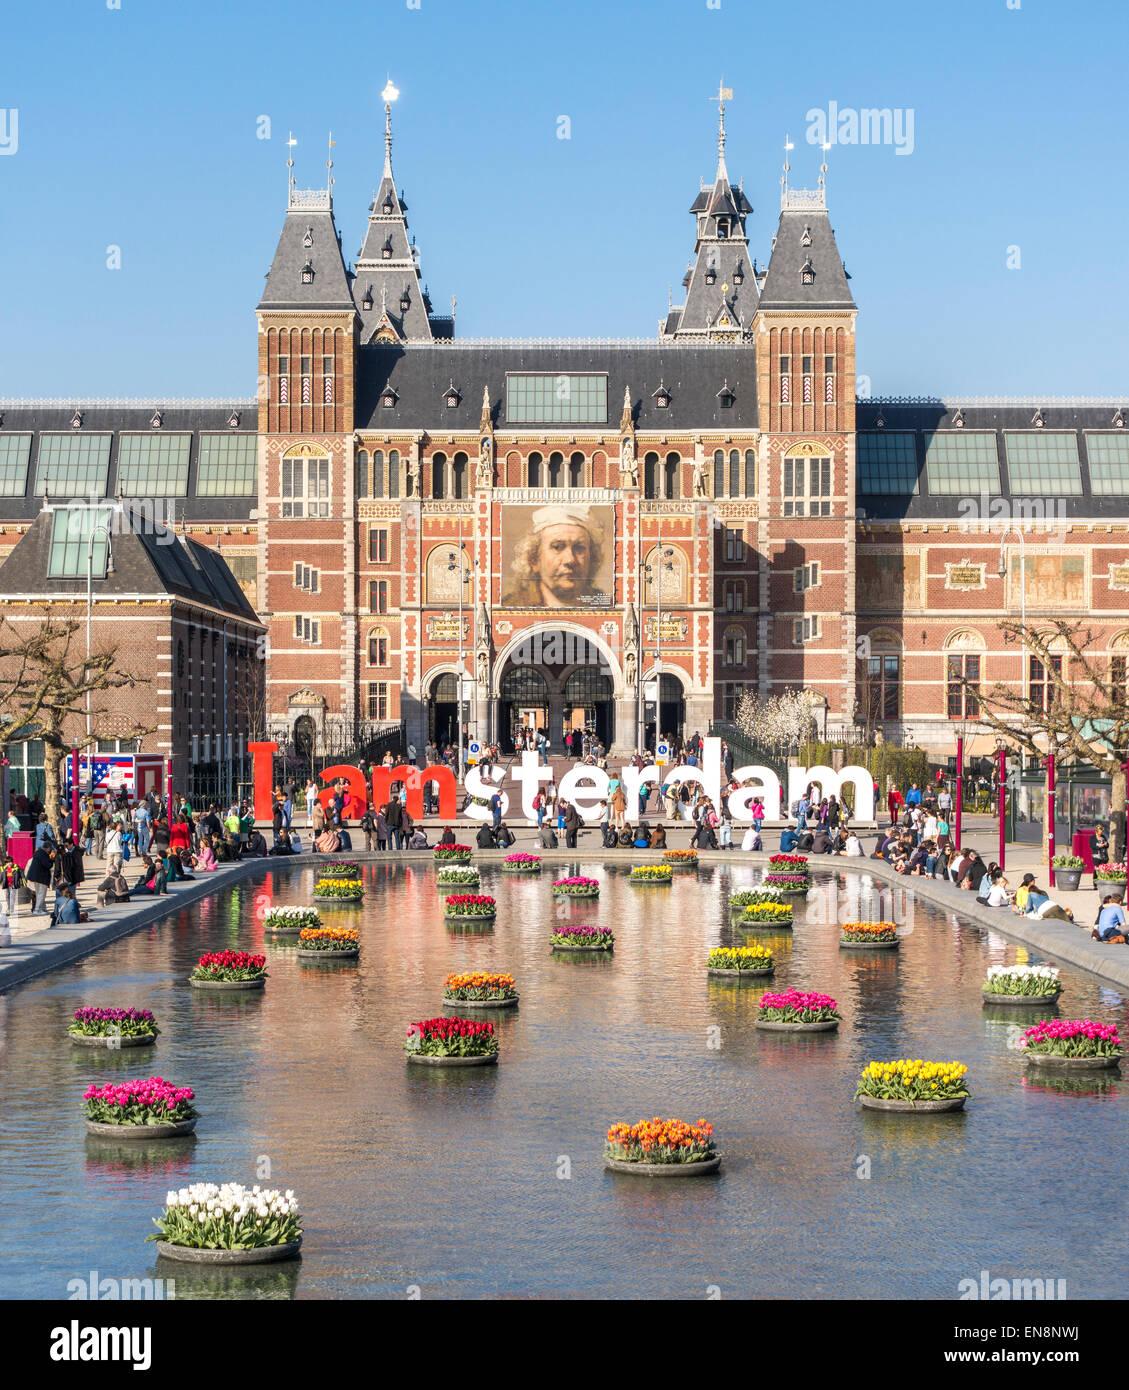 Rijksmuseum Amsterdam Rijksmuseum Museo Nacional con signo I Amsterdam IAmsterdam y tulipanes en la piscina reflectante. Imagen De Stock